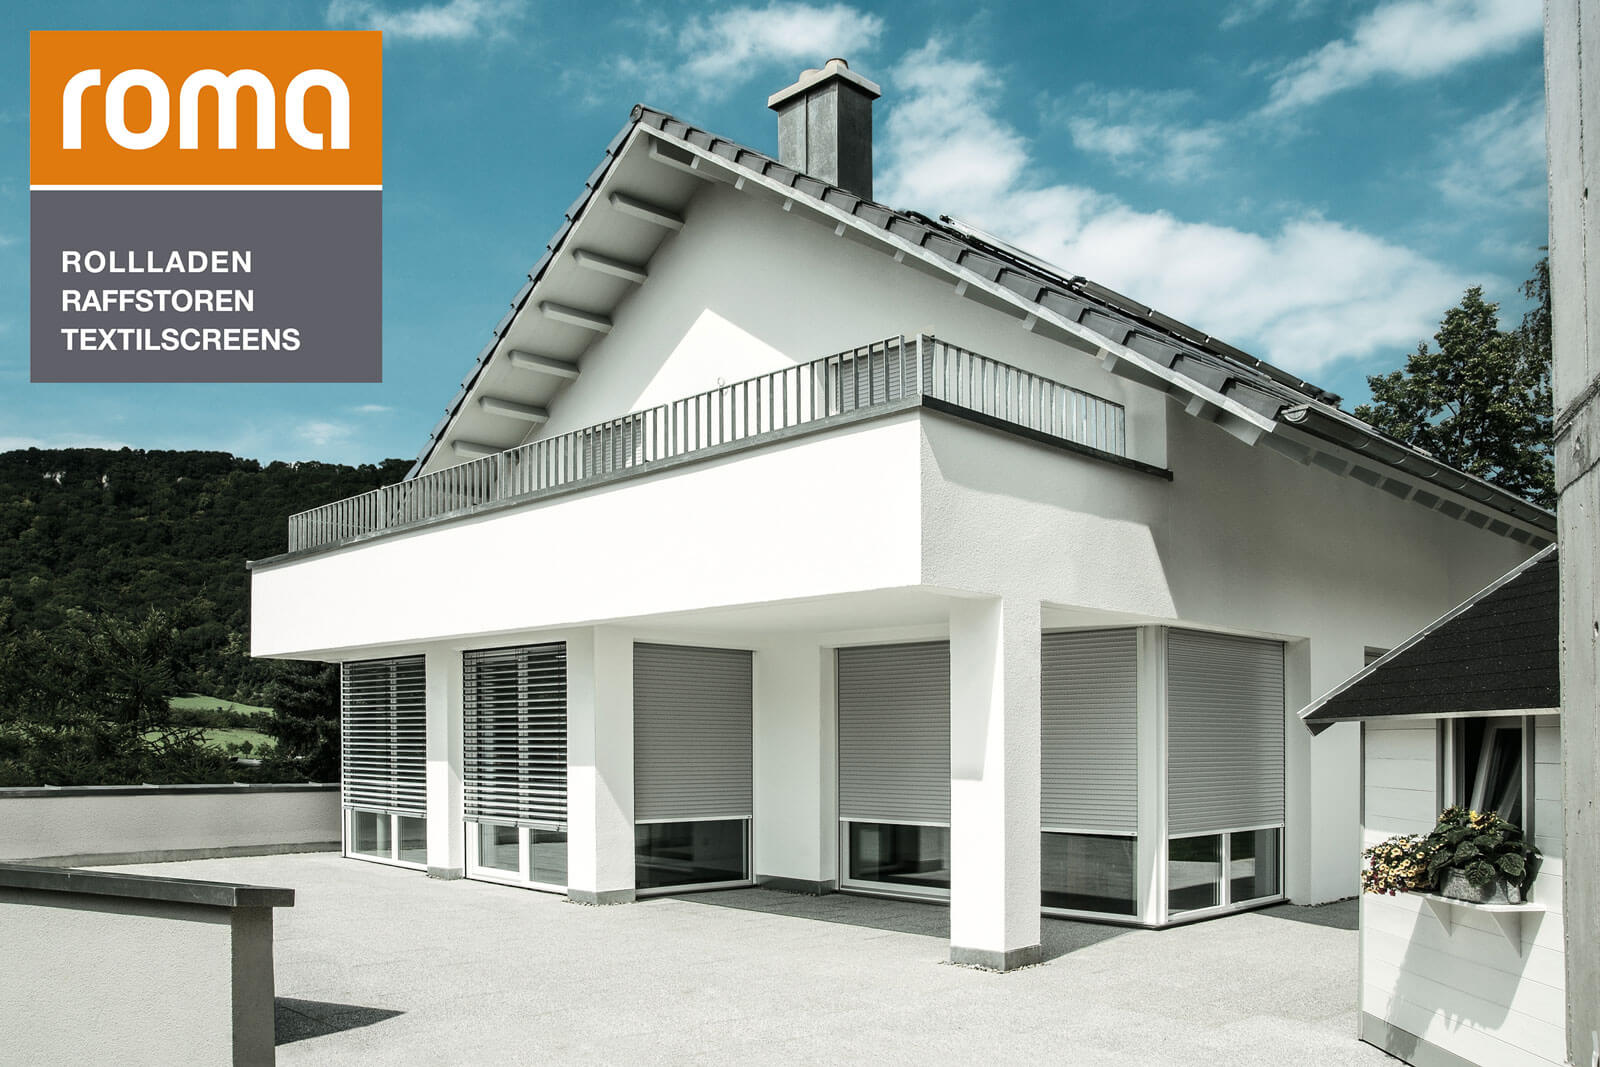 Sonnenschutz – FTT Fenster und Türen Technik GmbH